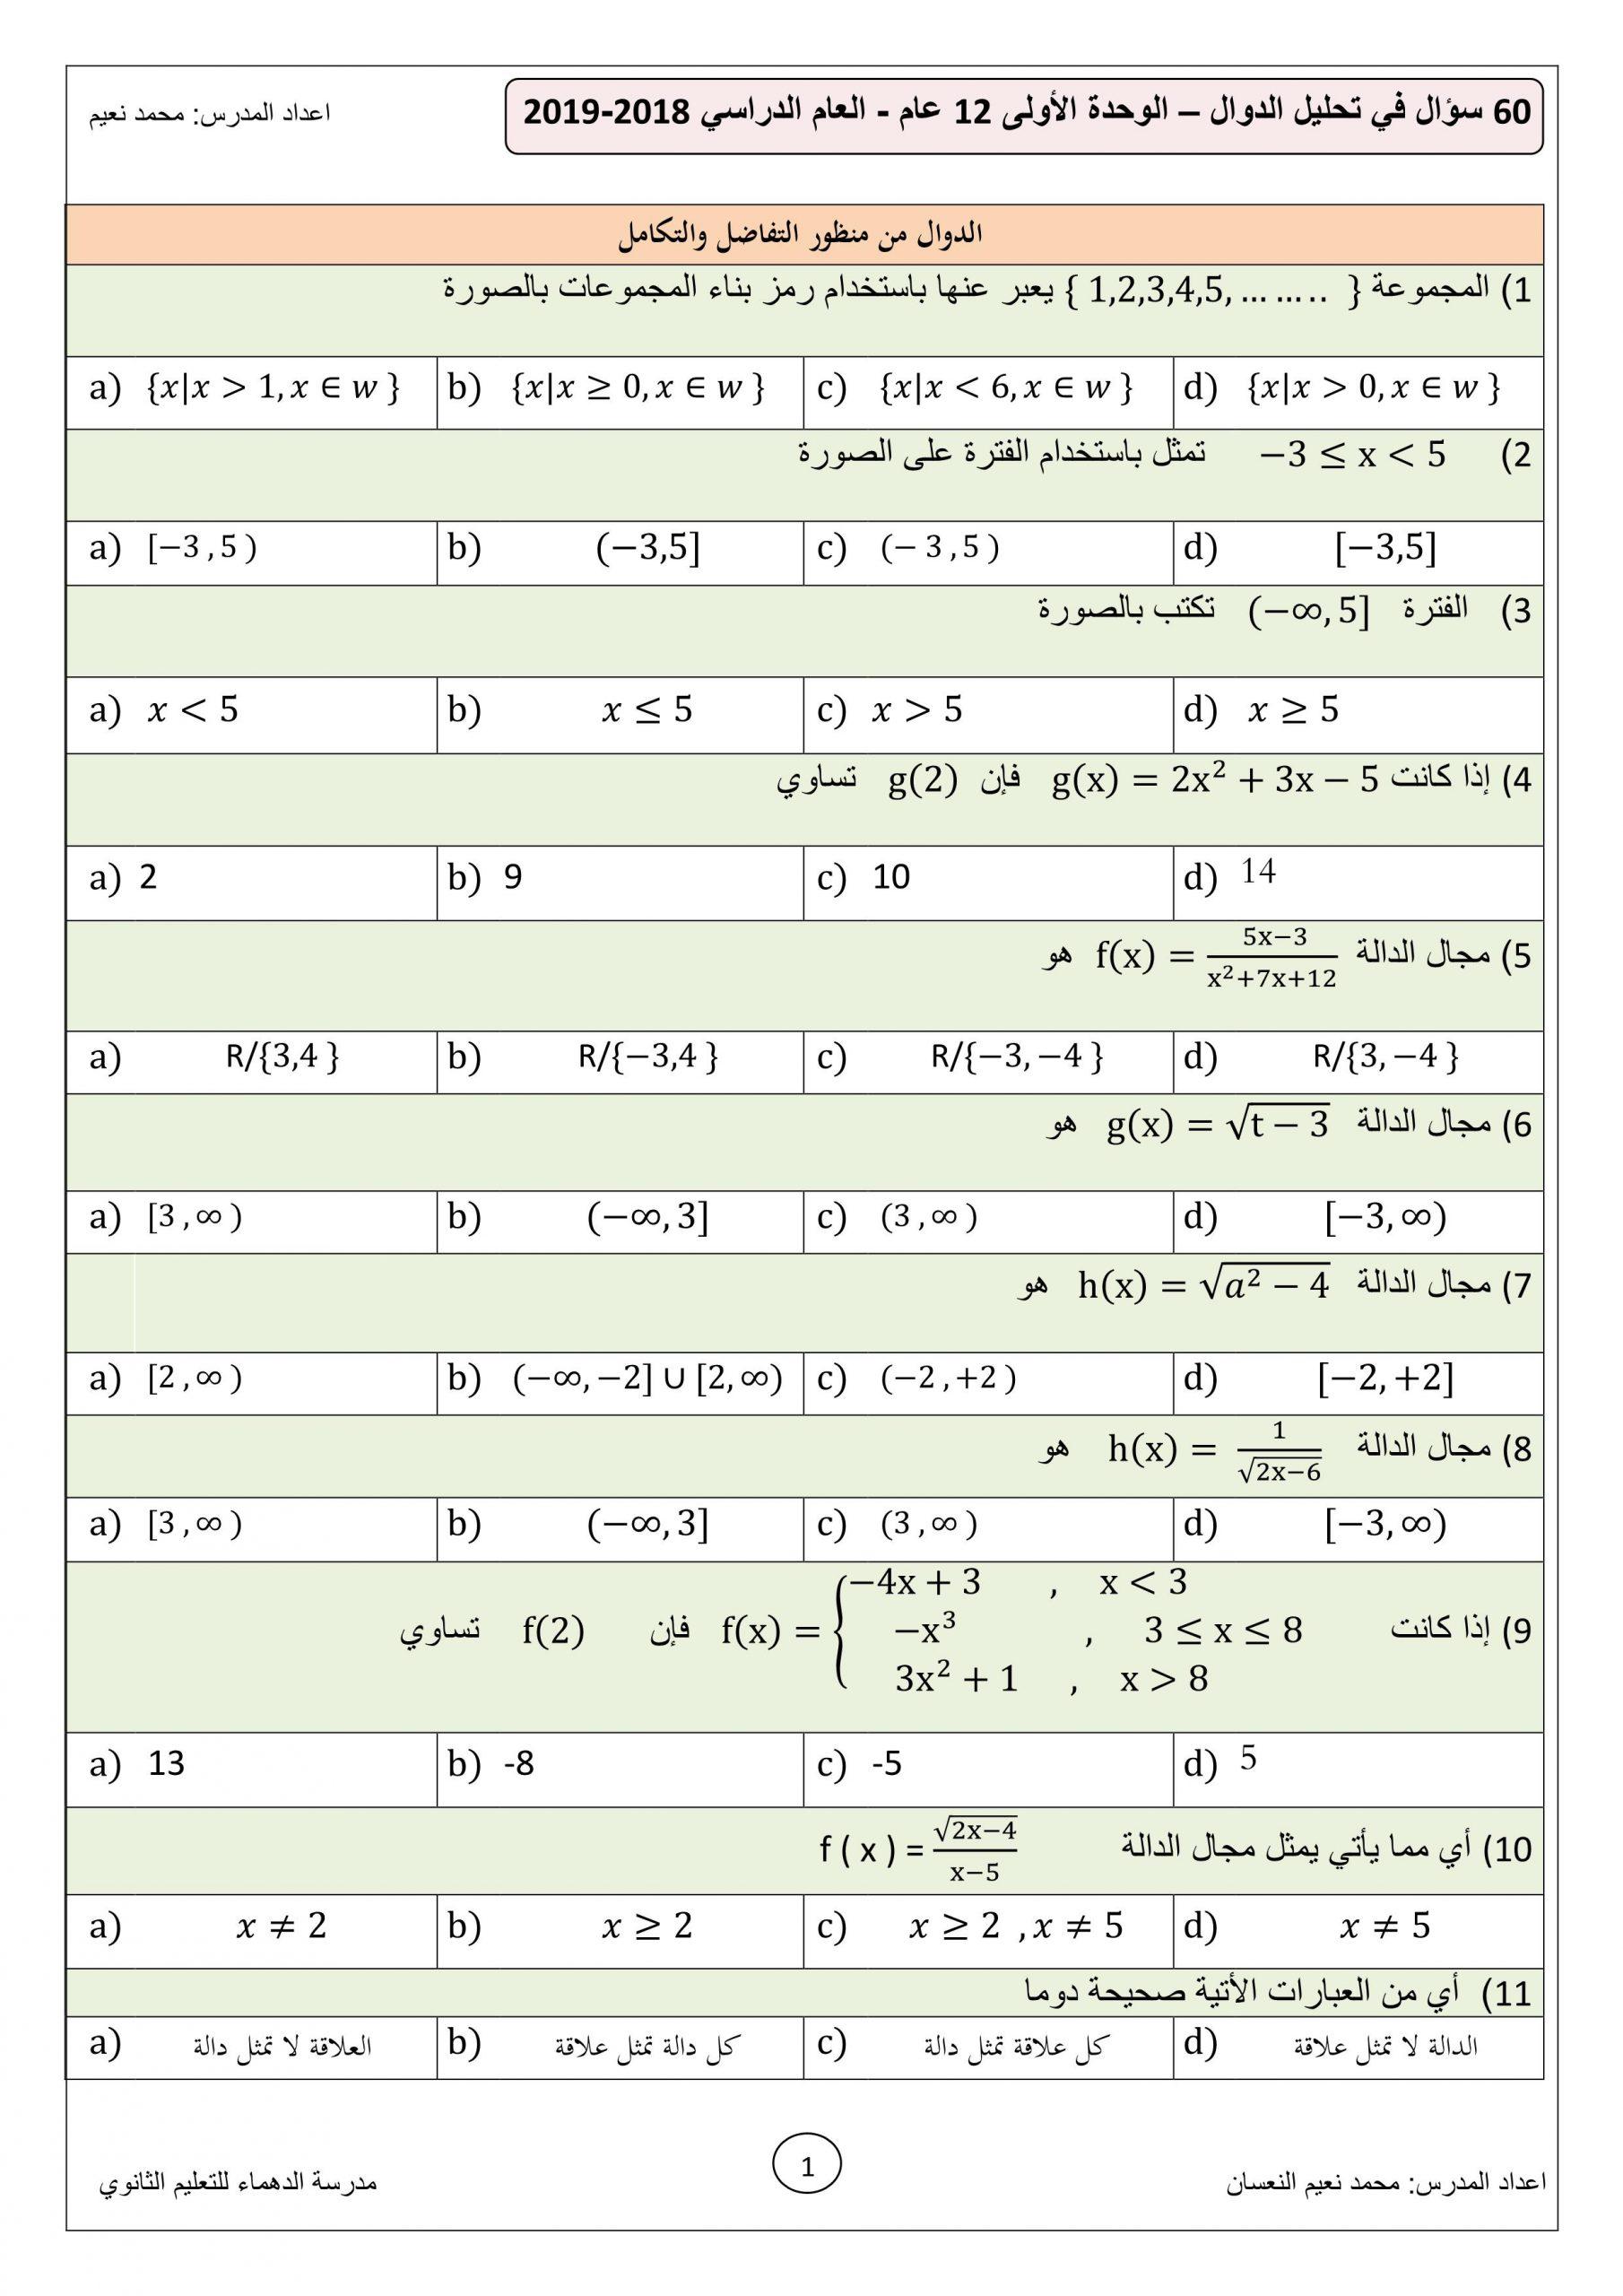 اوراق عمل تحليل الدوال الصف الثاني عشر عام مادة الرياضيات المتكاملة